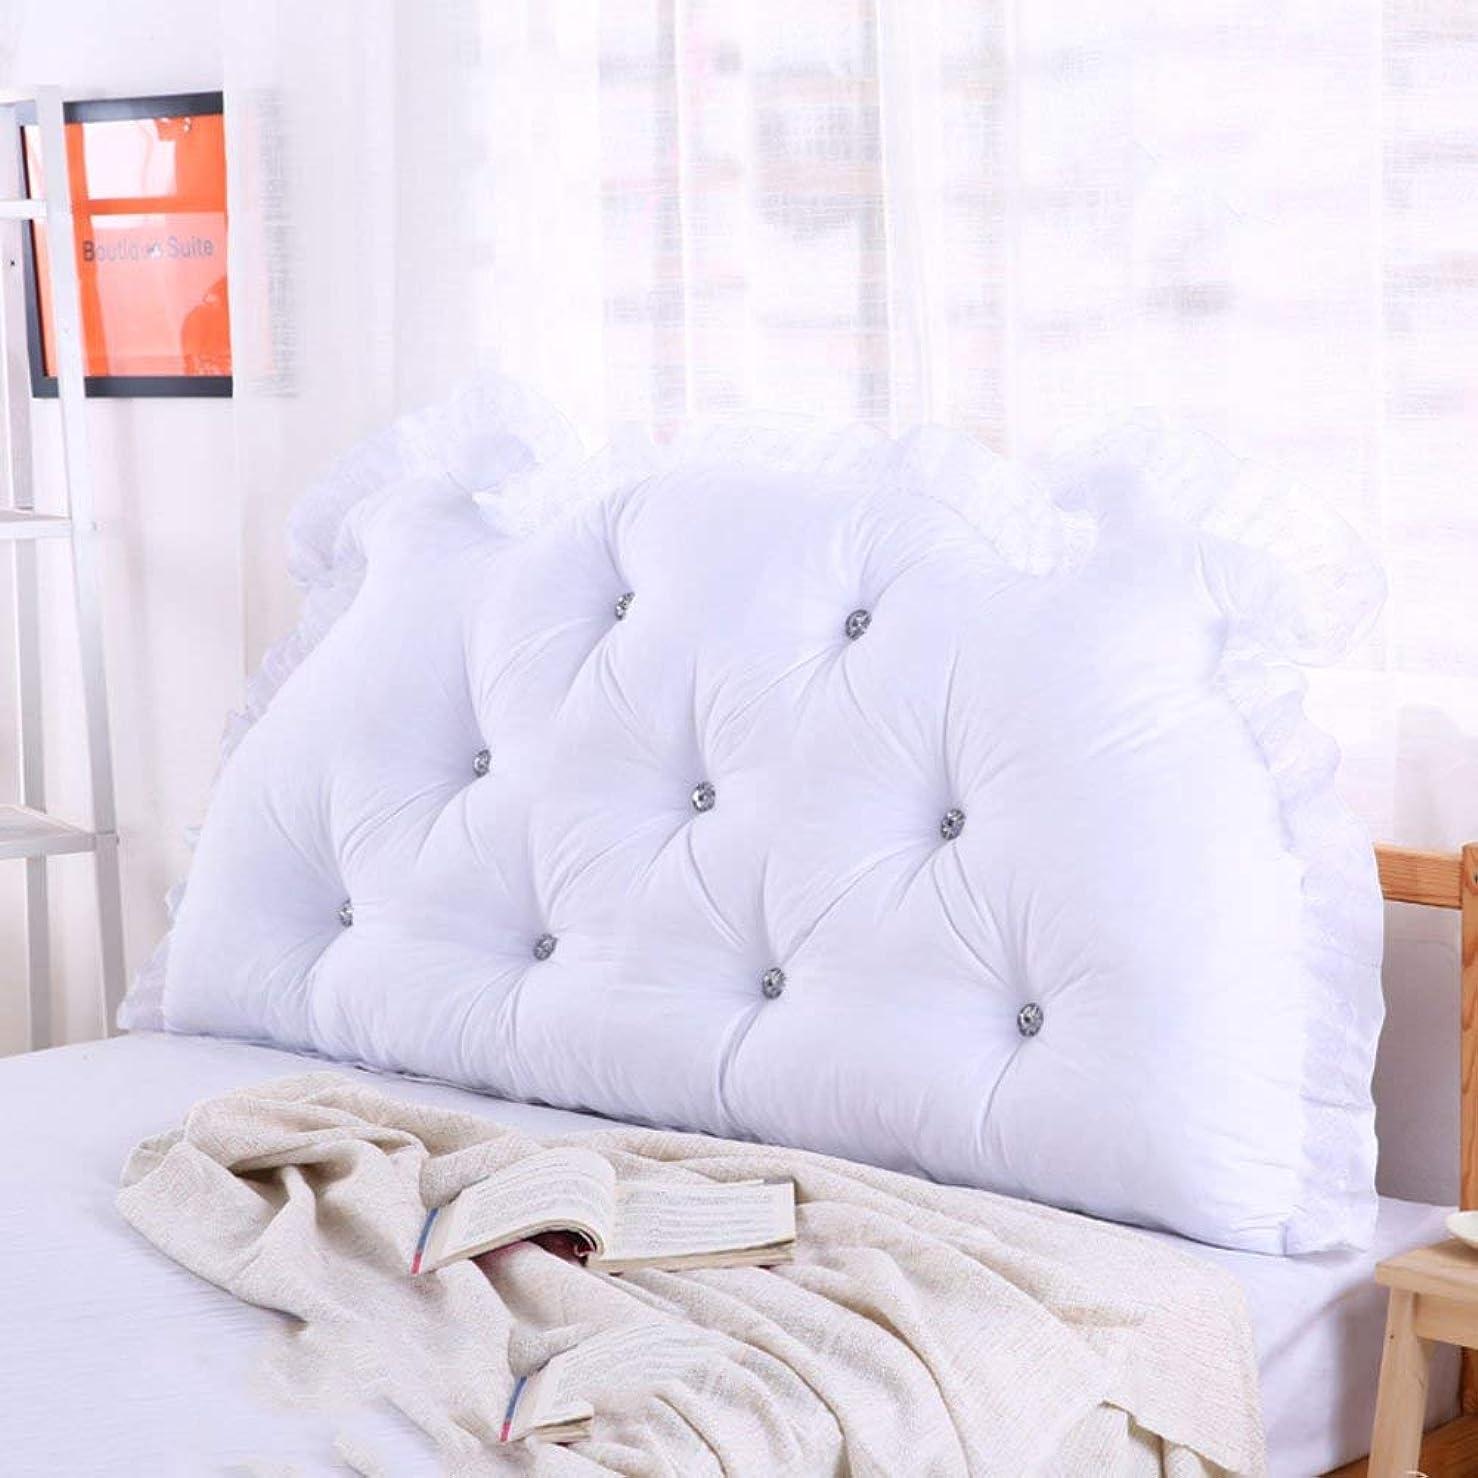 タイヤ電卓閉塞Nanwu ベッドサイドの読書枕背部クッション、ソファーマットクッション100%綿背もたれ位置決めサポート枕 (Color : F, サイズ : 90x70x15cm(35x28x6inch))